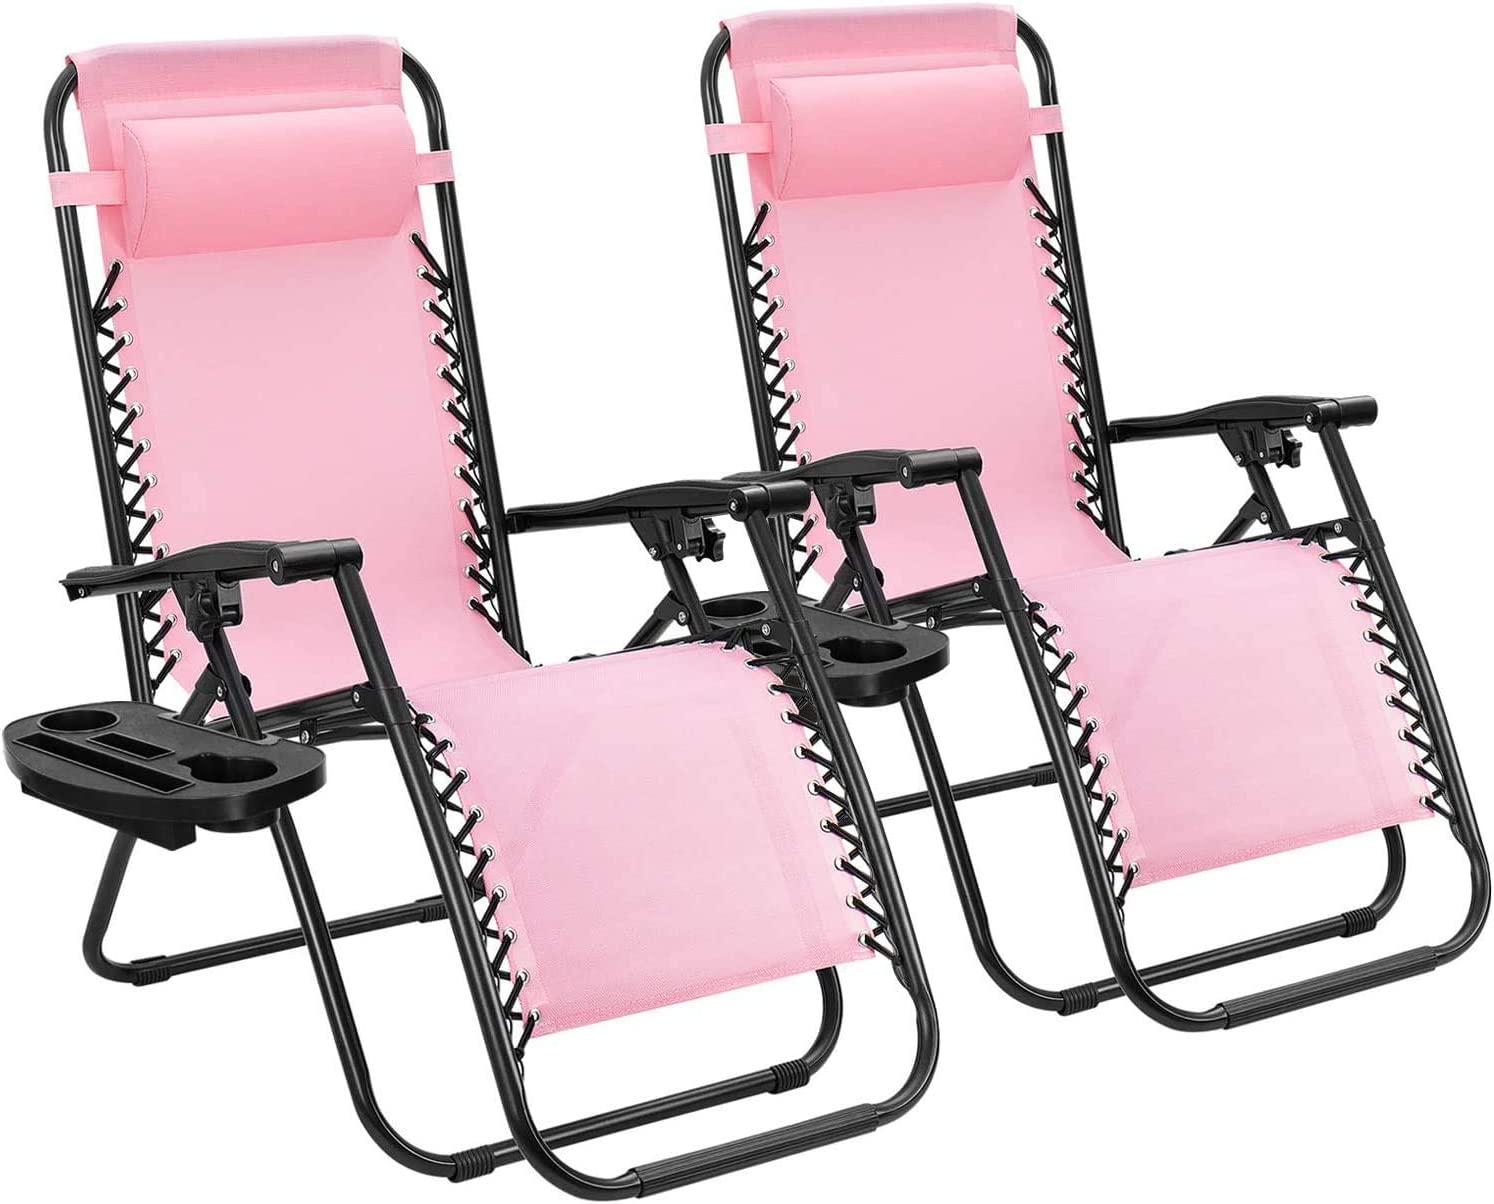 GT-LYD Juego de 2 sillas Ajustables Gravedad Cero sillas Plegables al Aire Libre Patio del salón con sillones reclinables para Almohada Junto a la Piscina, la Playa (Rosa)